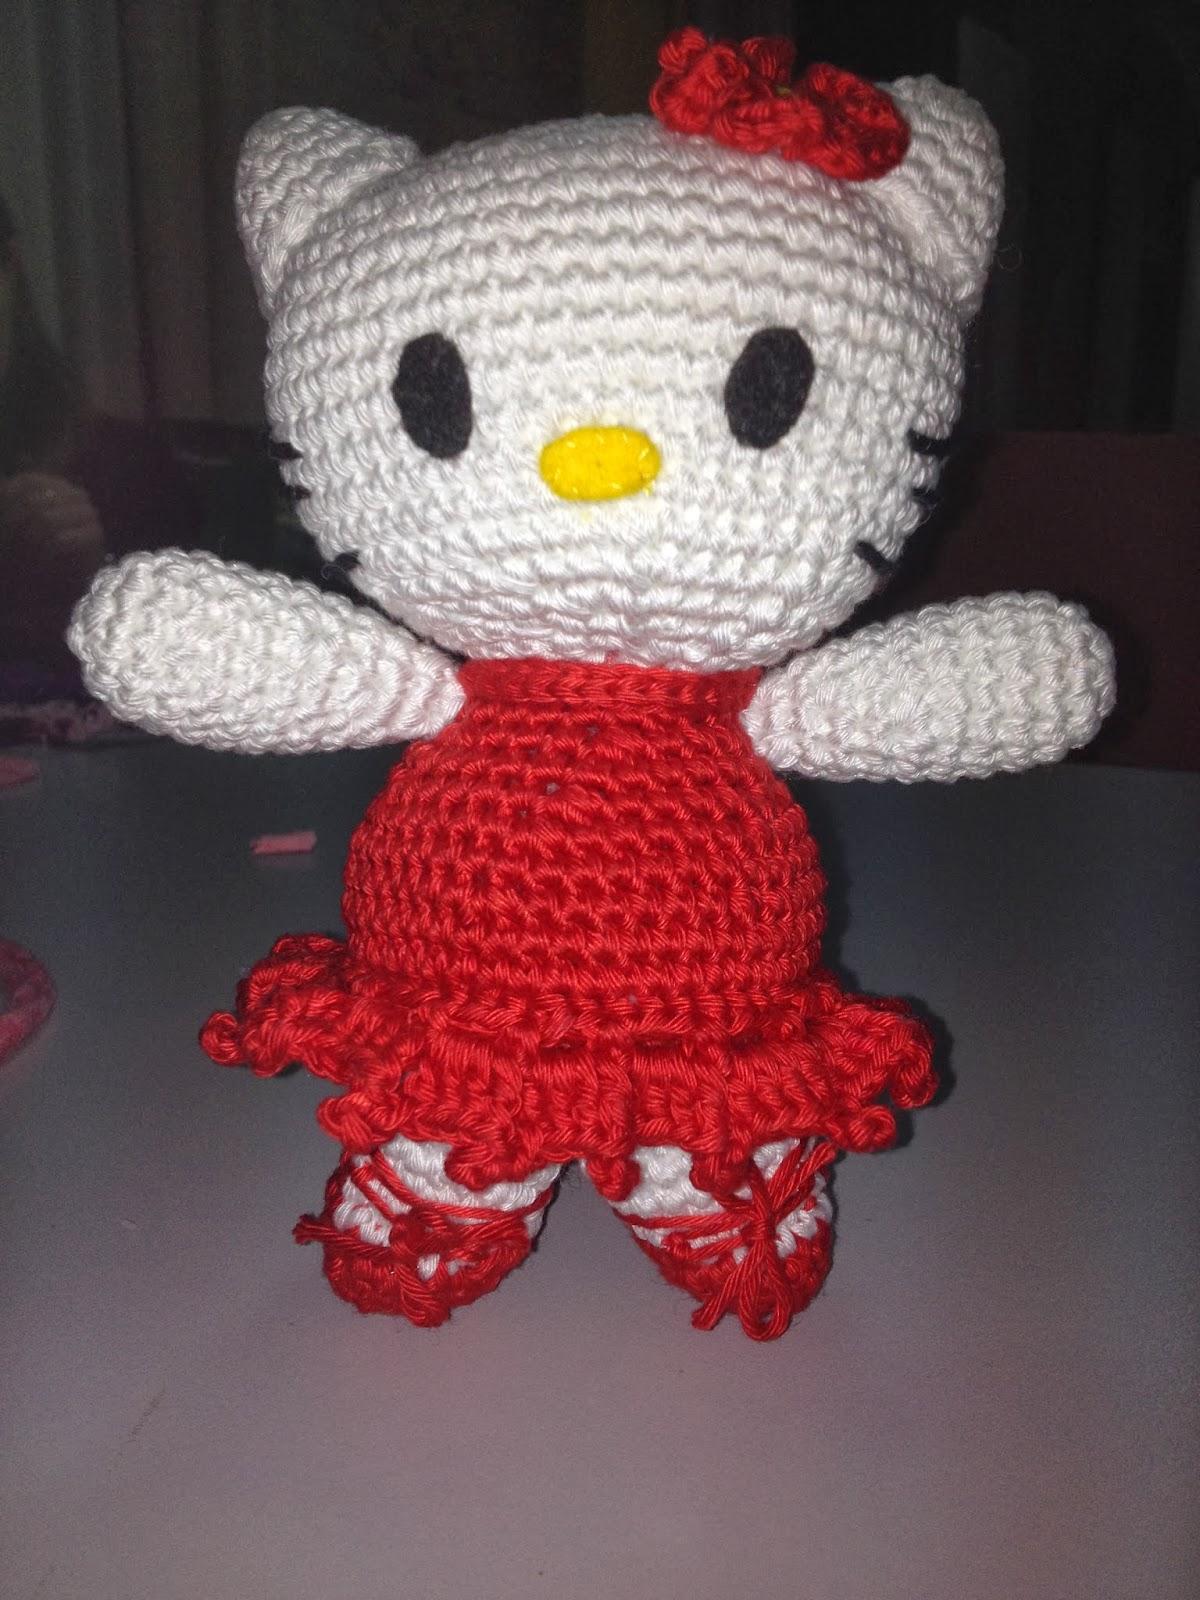 http://marietesalacuina.blogspot.com.es/2014/02/la-kitty.html